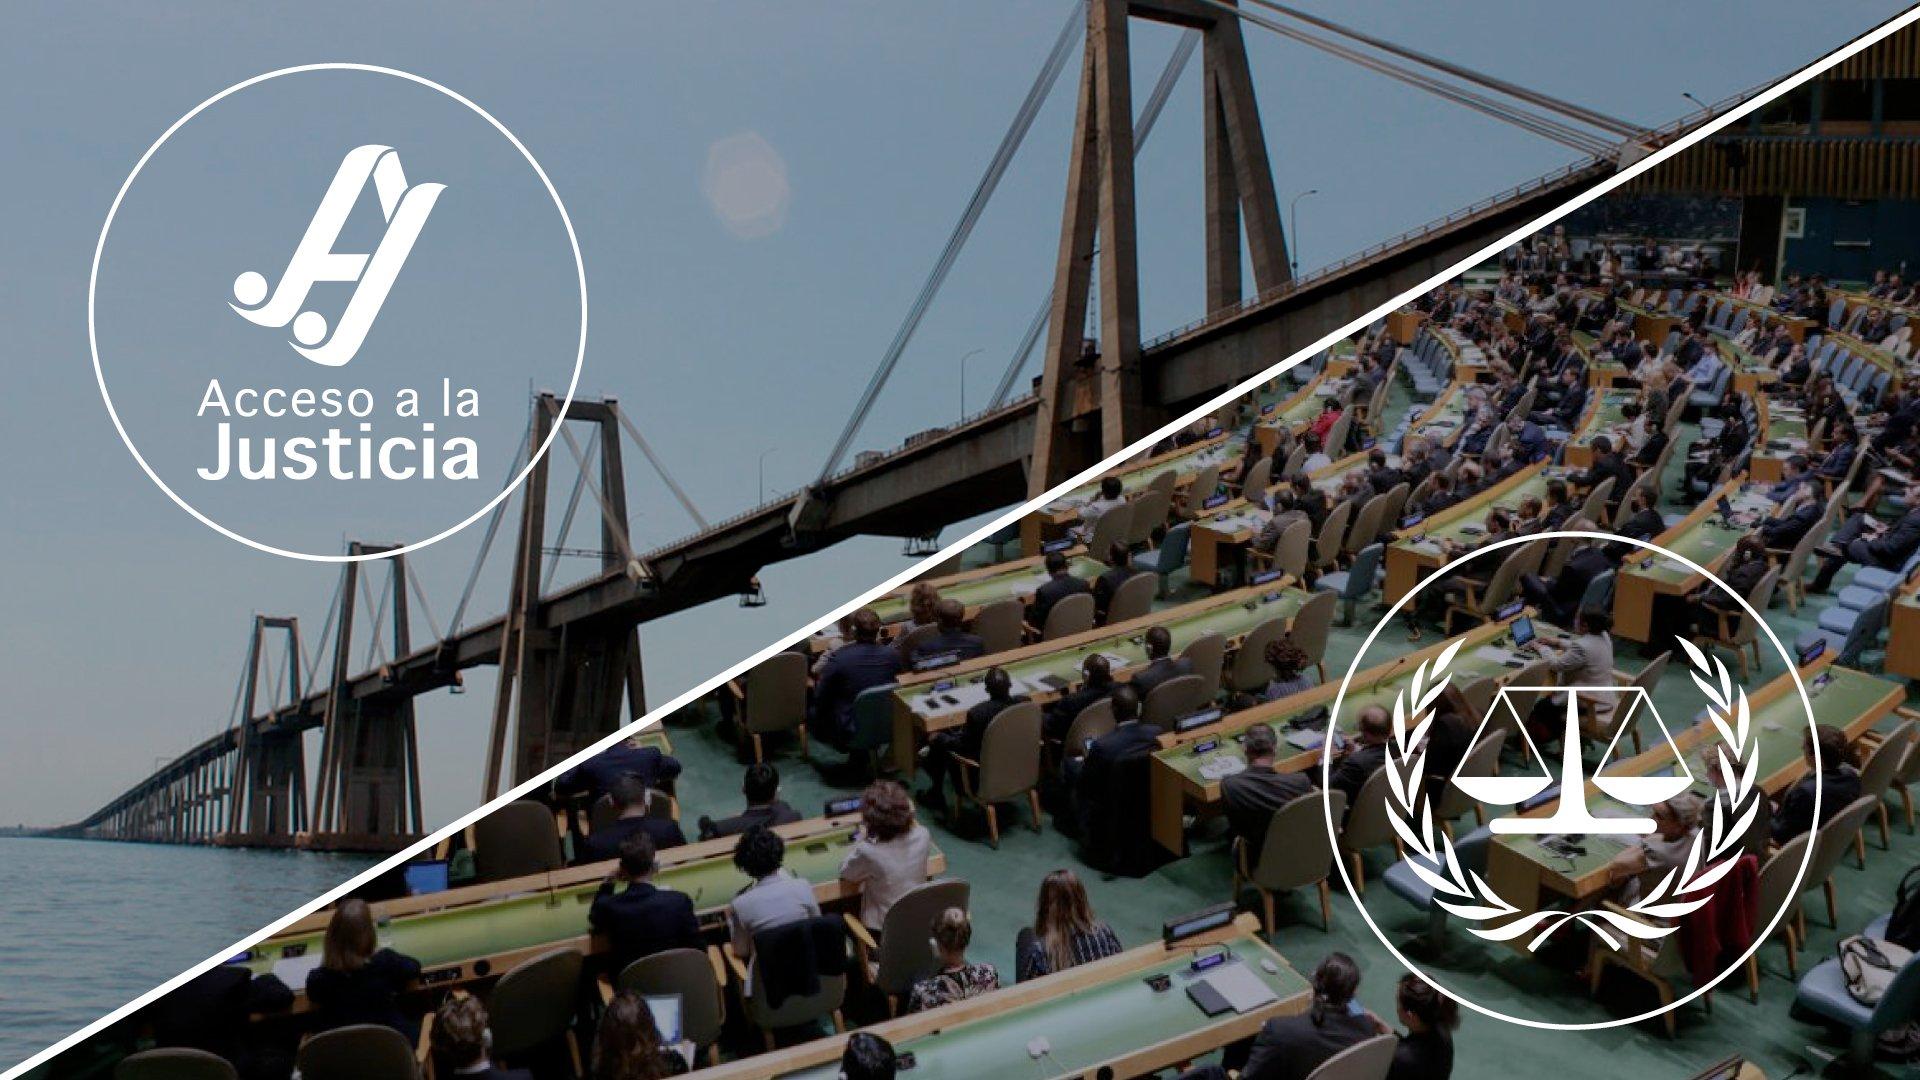 Acceso a la Justicia llevó los mitos y realidades de la CPI a Maracaibo